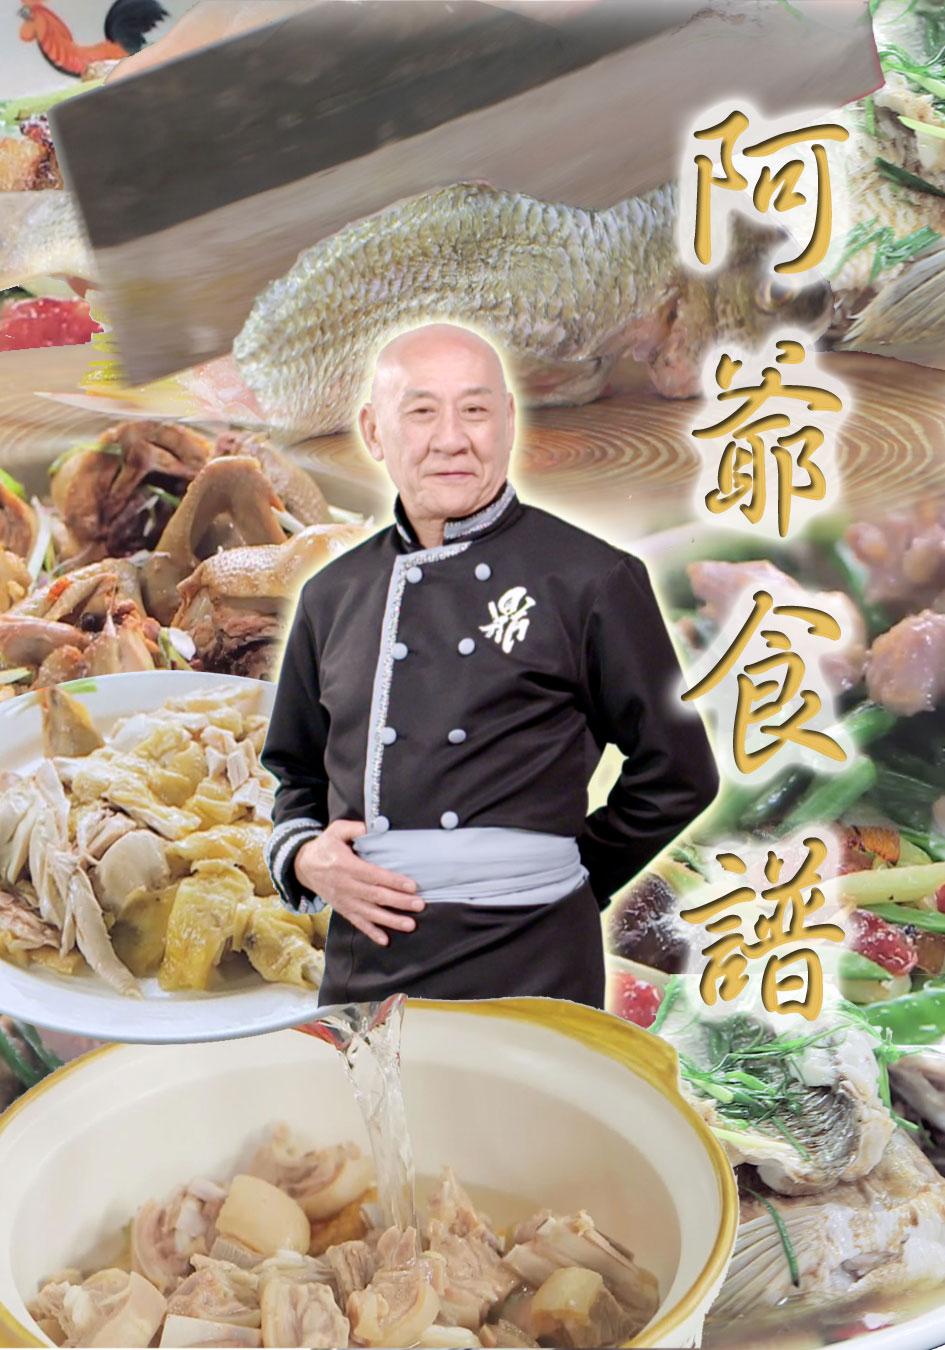 阿爺食譜-Grandpa's Recipes